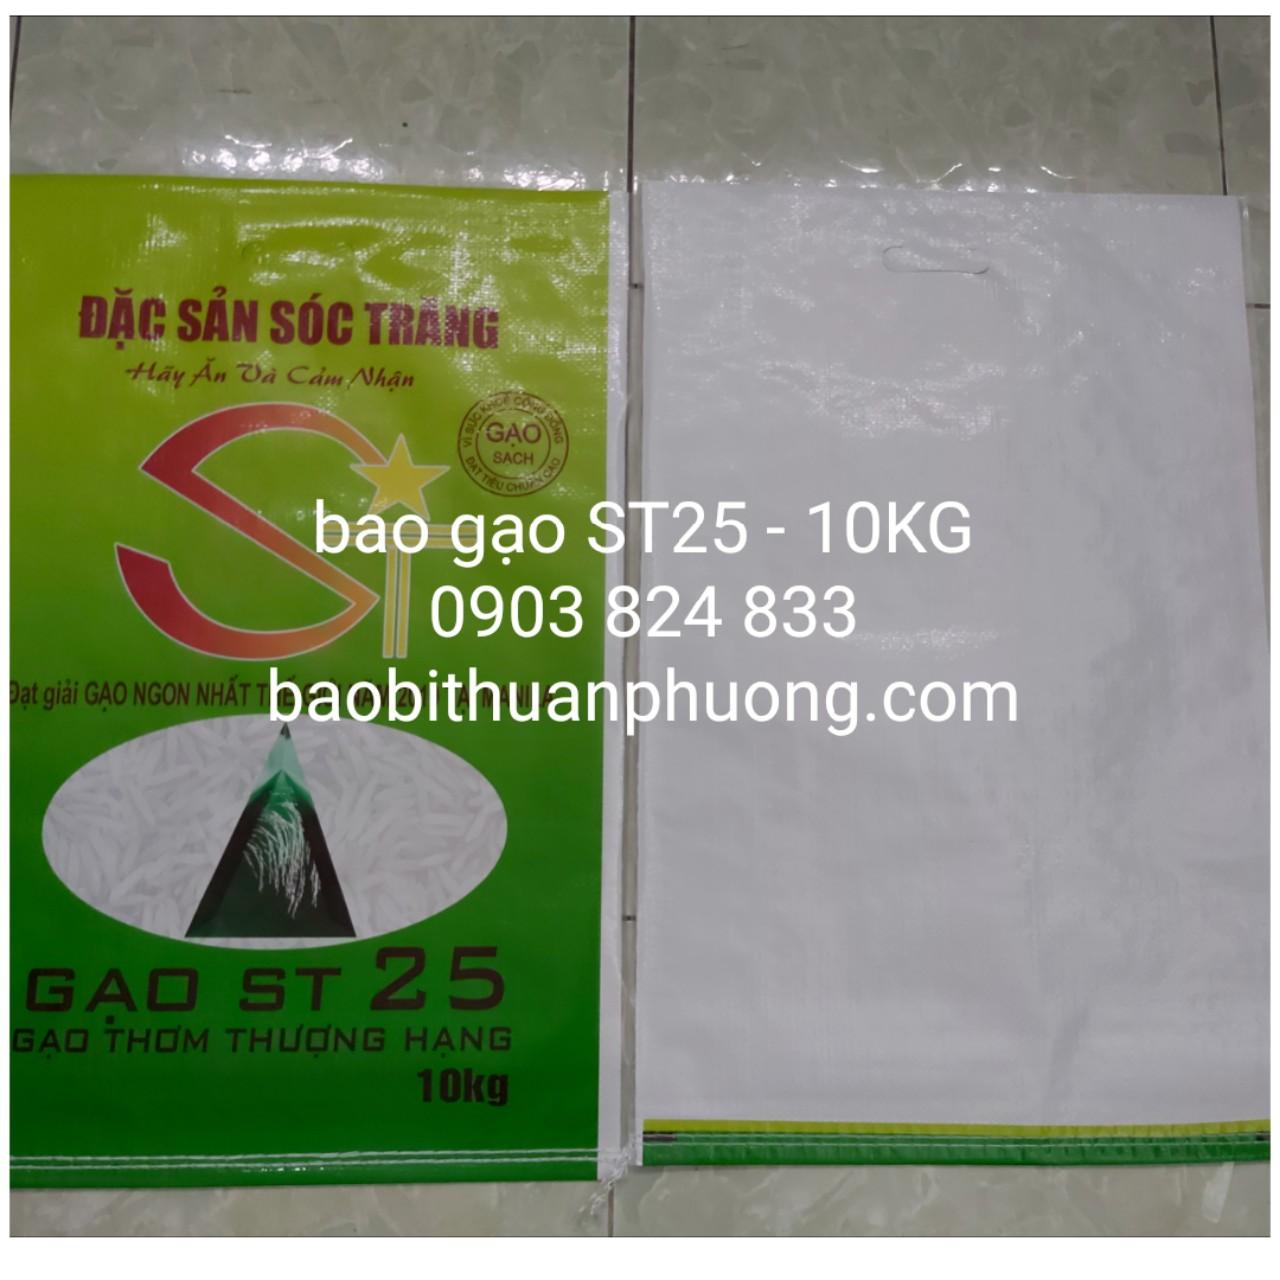 bao bì gạo ST25 loại 5kg và 10kg